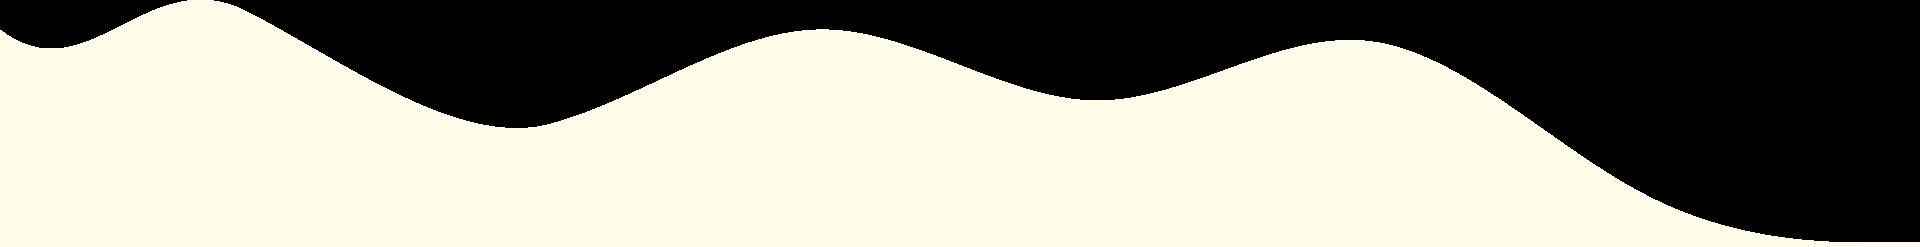 evo_wave-3